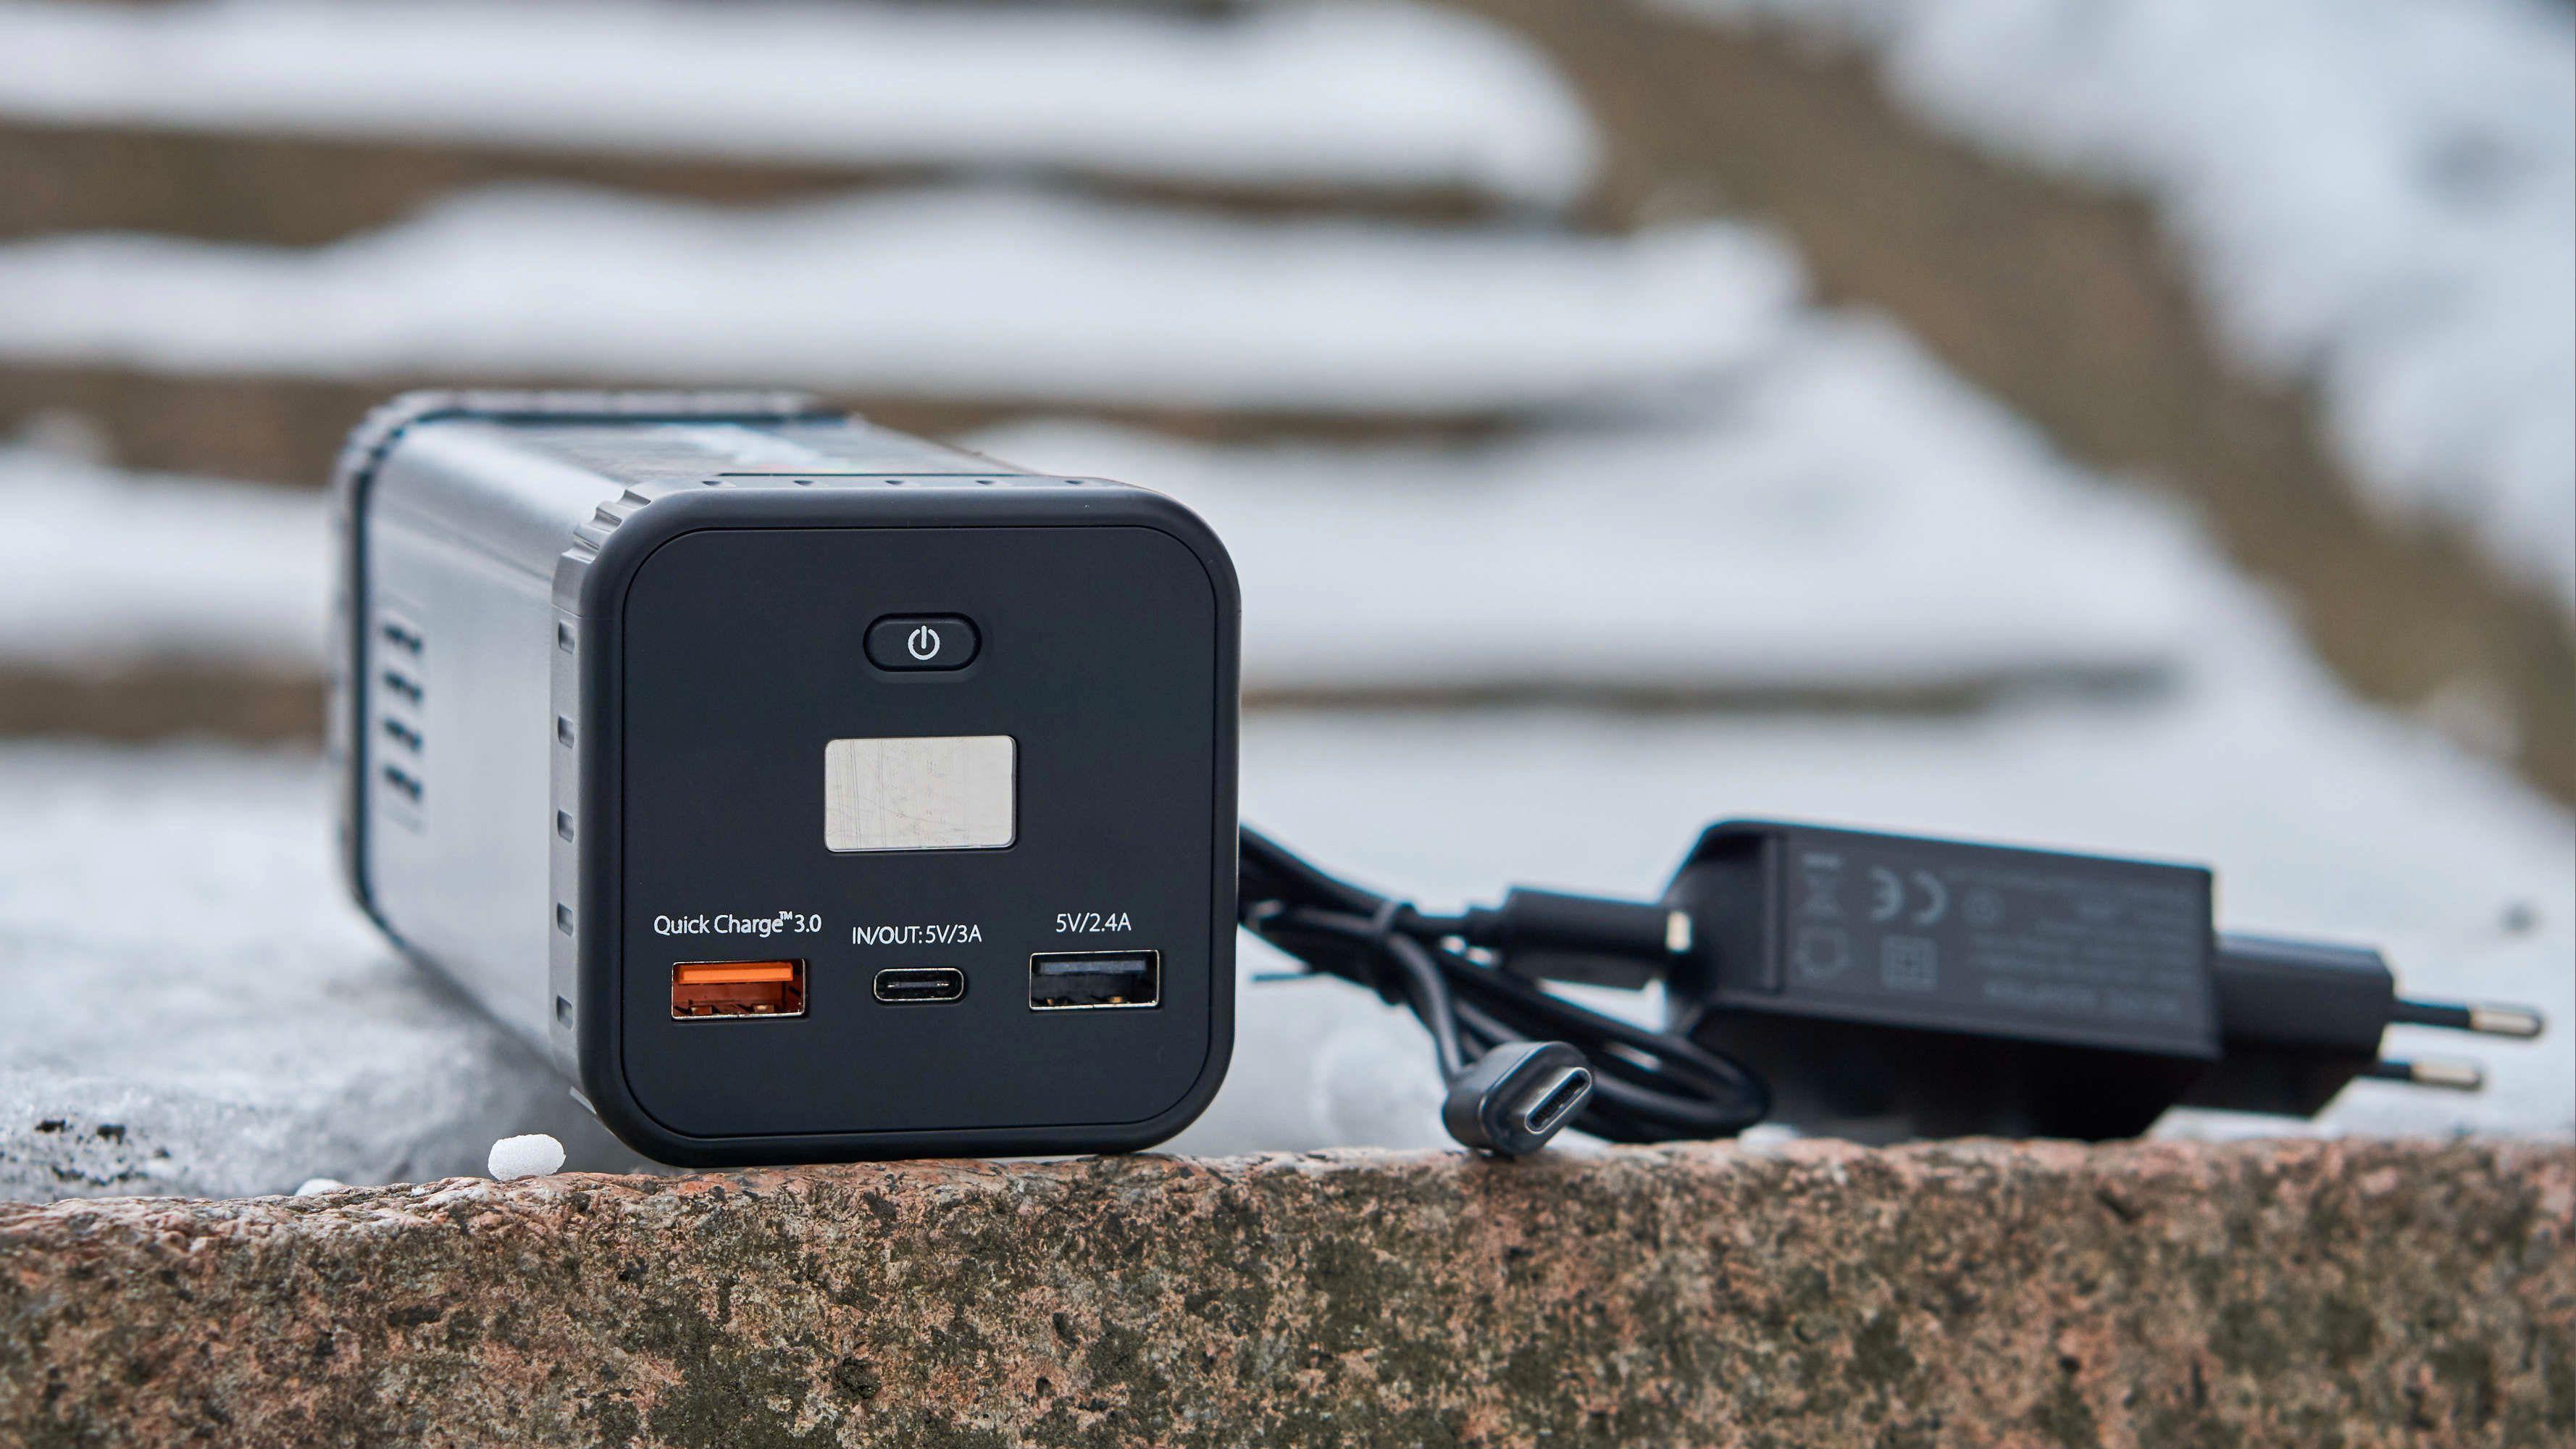 En USB Type-C-lader følger med, men den hurtiglader hverken laderen eller mobiler.